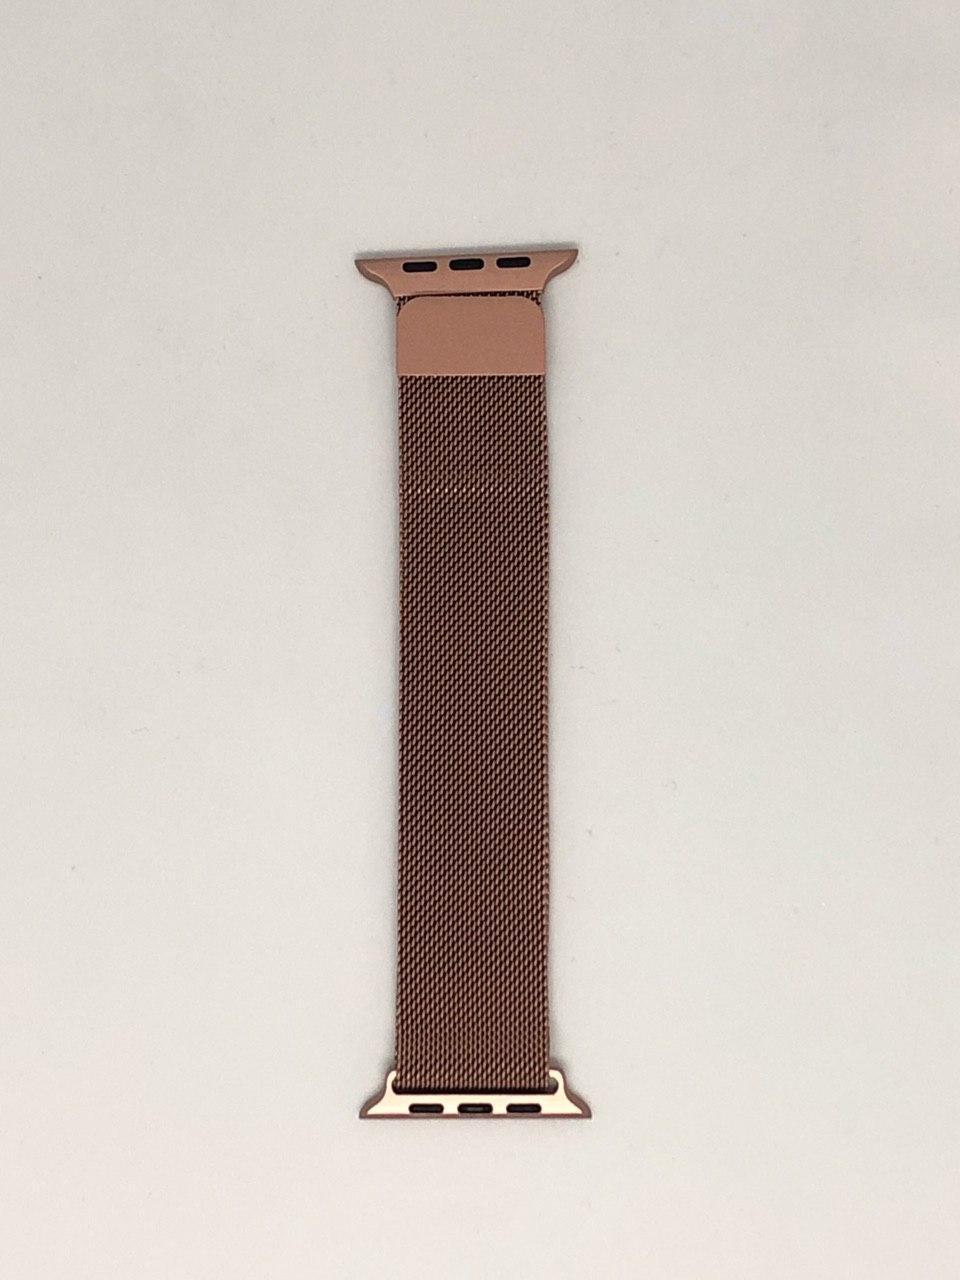 Миланская петля Apple watch 38/40 mm - №5, ремешок, металлический